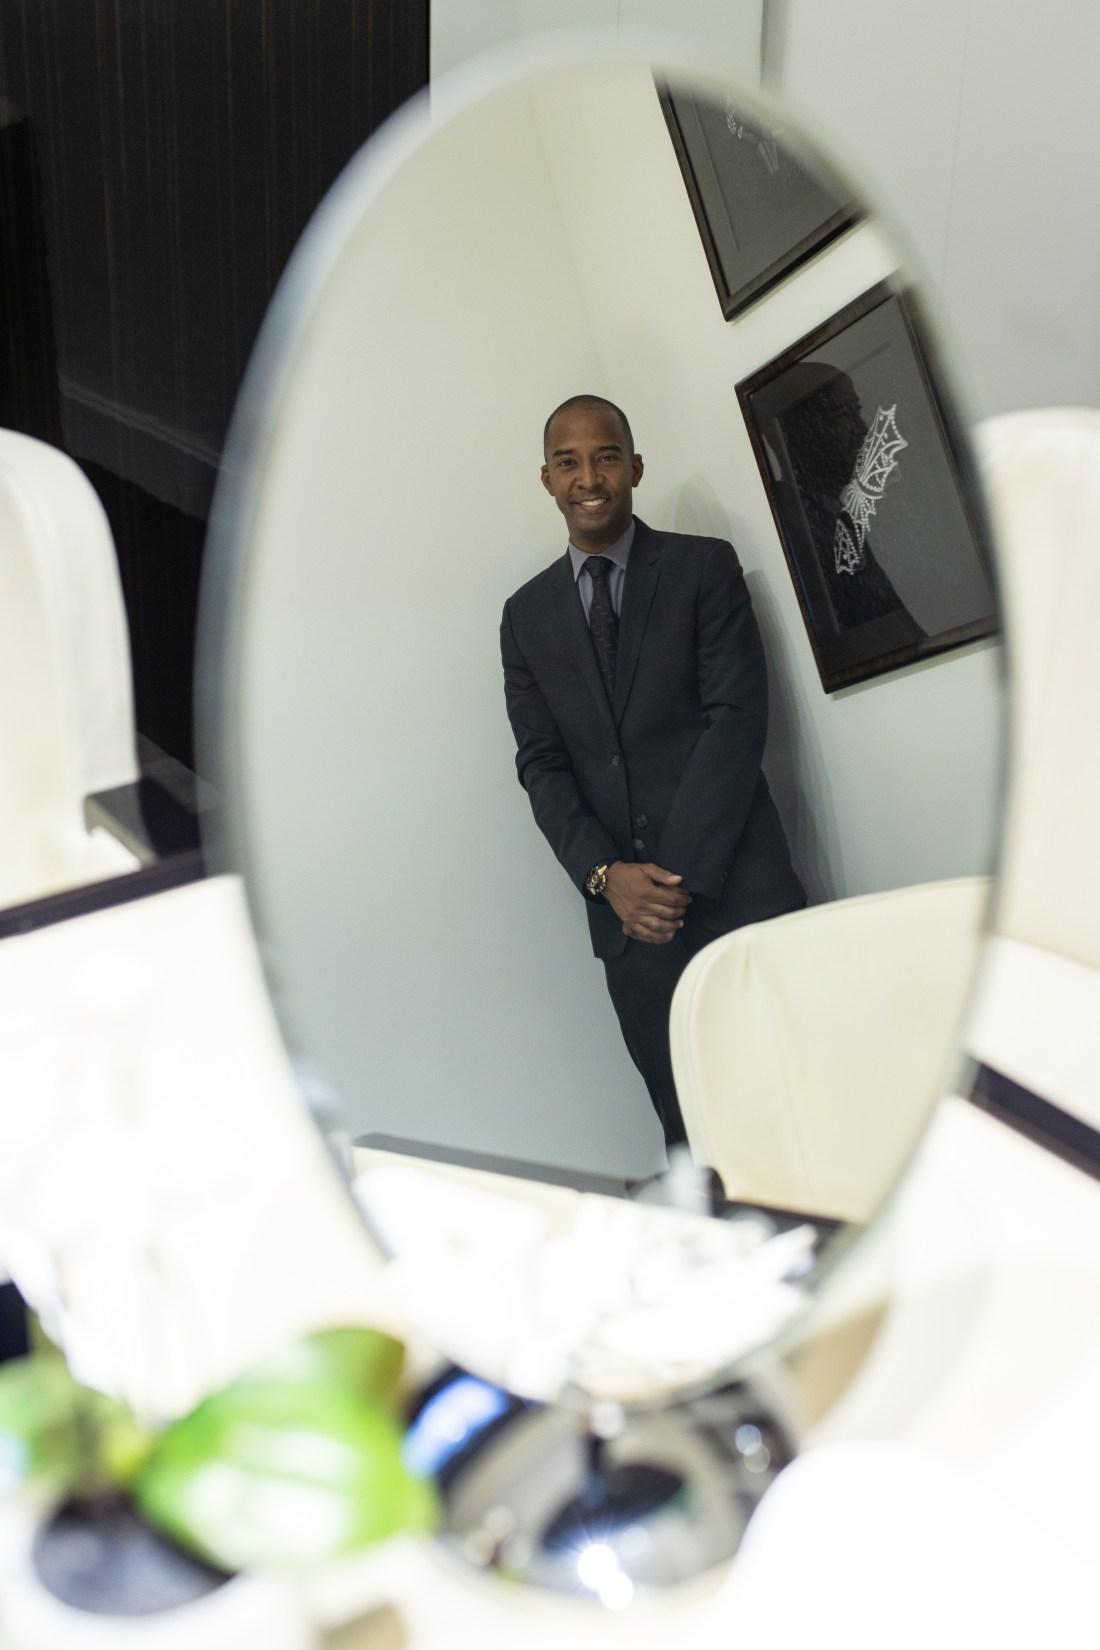 Dwayne Grannum reflejado en un espejo